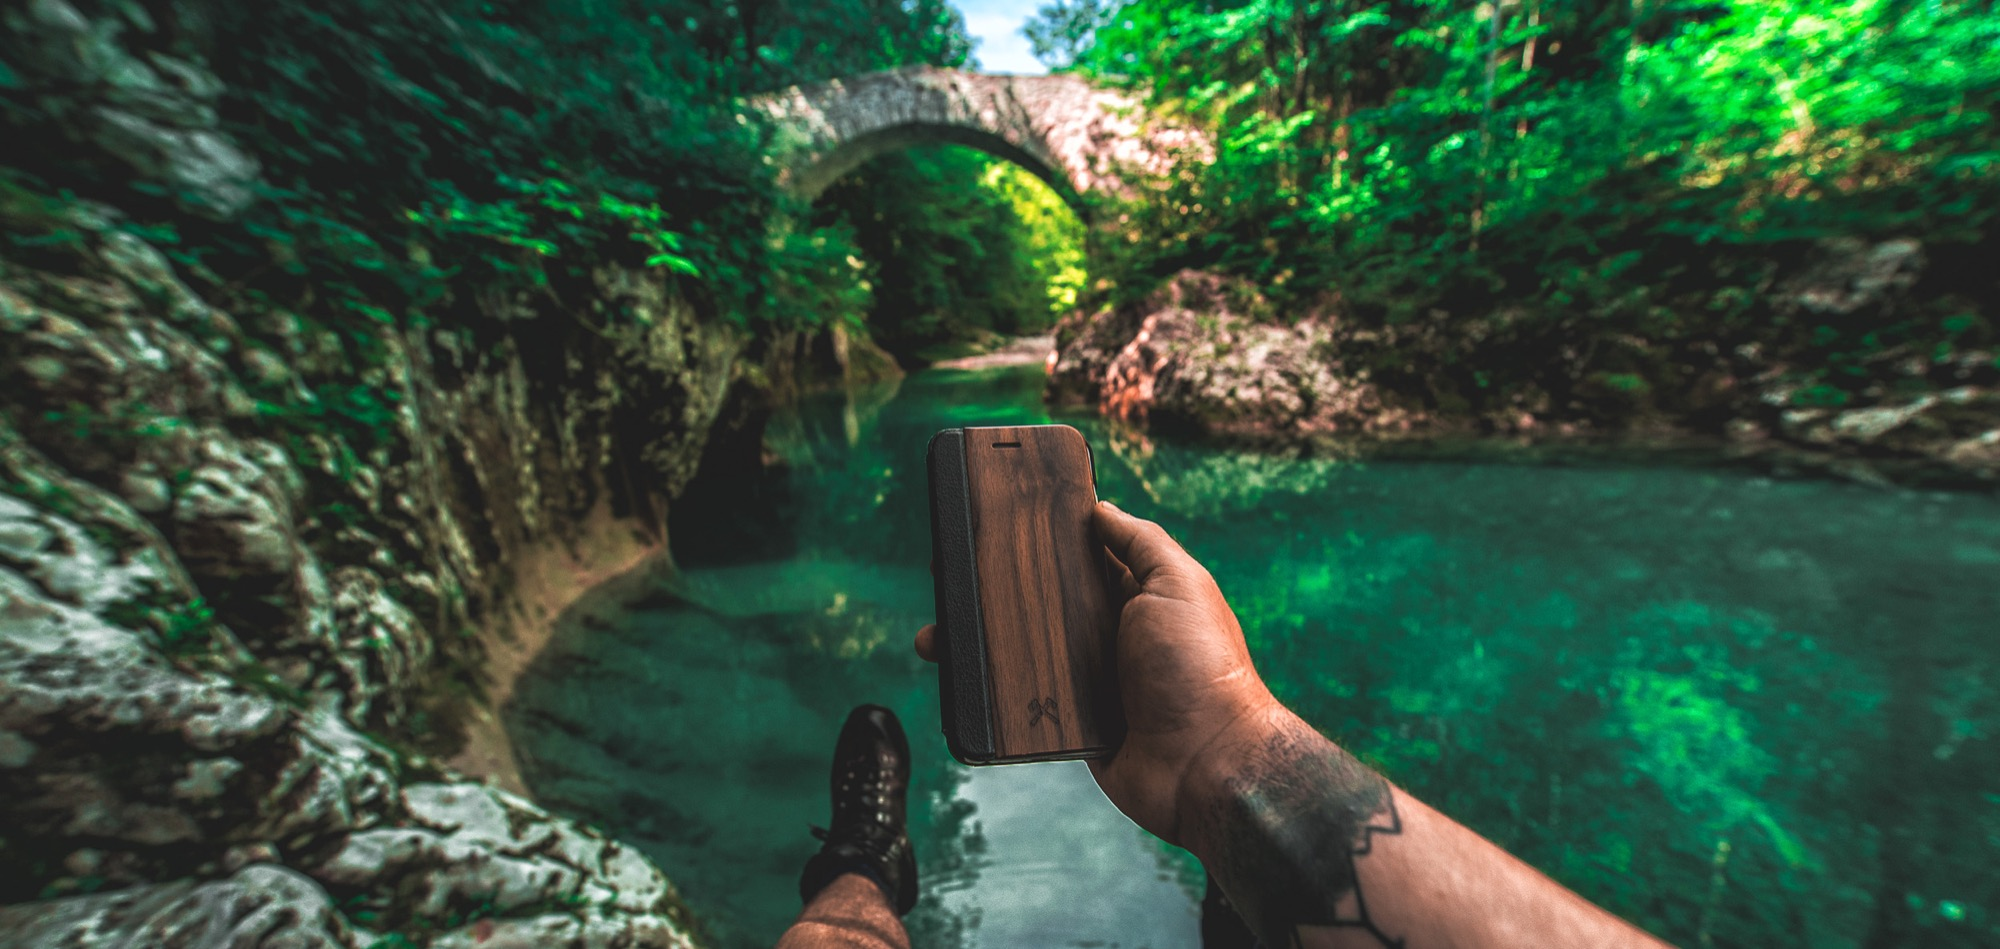 Wart ihr schonmal in Slowenien?